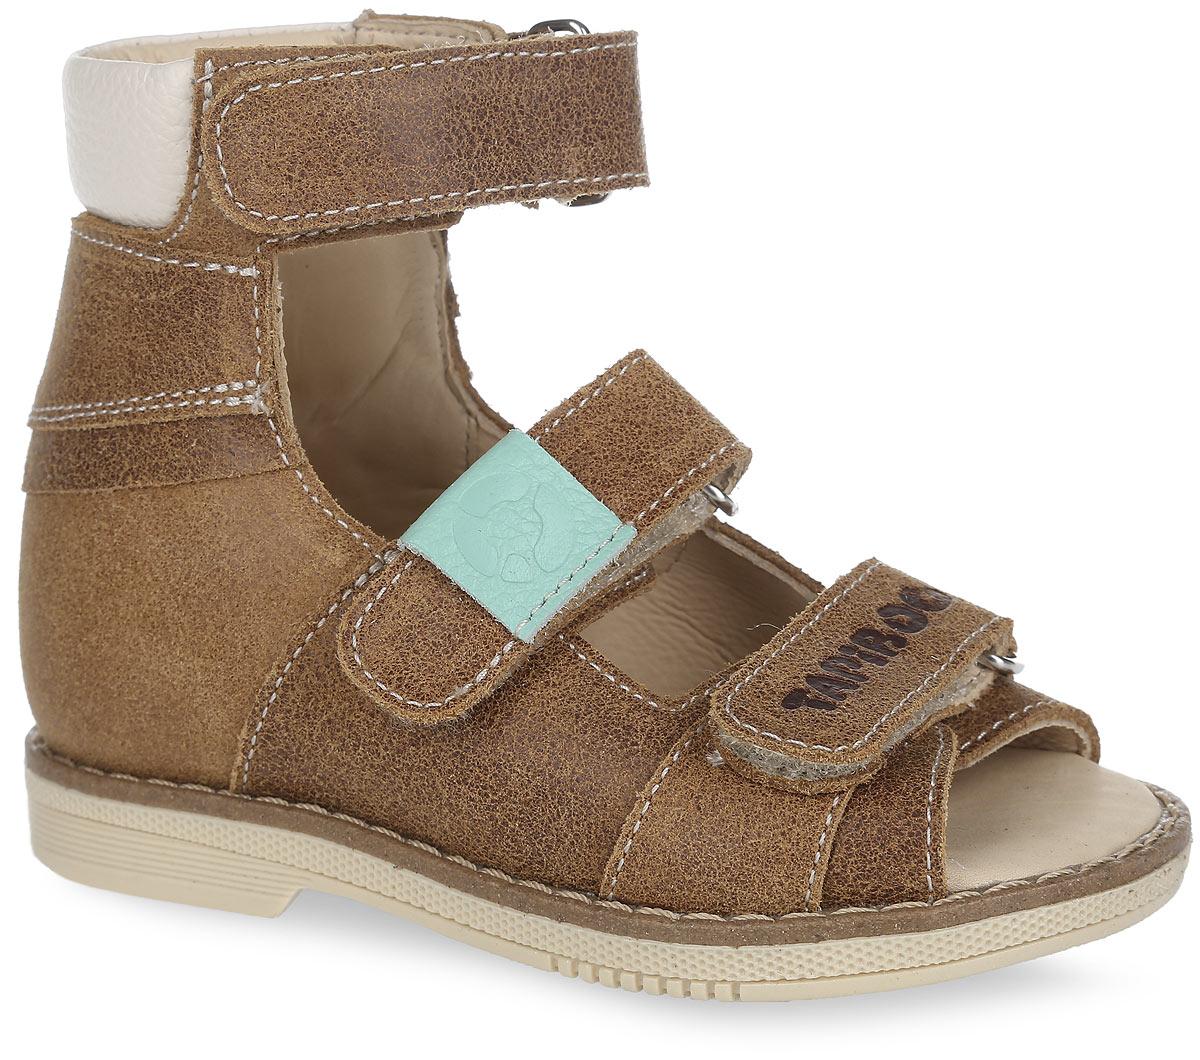 FT-26005.16-OL36O.01Стильные сандалии от TapiBoo придутся по душе вашему ребенку. Модель выполнена из натуральной кожи разной фактуры и оформлена на нижнем ремешке фирменным тиснением, на верхнем - разными по цвету шильдами с логотипом, для того чтобы ребенок знакомился с цветами и мог идентифицировать правую и левую ножку. Подкладка и стелька, изготовленные из натуральной кожи, гарантируют комфорт при ходьбе. Отсутствие швов на подкладке обеспечивает дополнительный комфорт и предотвращает натирание. Ремешки на застежках-липучках позволяют легко снимать и надевать обувь даже самым маленьким детям, обеспечивая при этом оптимальную фиксацию стопы. Жесткий фиксирующий задник надежно стабилизирует голеностопный сустав во время ходьбы, препятствуя развитию патологических изменений стопы. Широкий, устойчивый каблук специальной конфигурации каблук Томаса продлен с внутренней стороны до середины стопы, чтобы исключить вращение (заваливание) стопы вовнутрь. Упругая,...